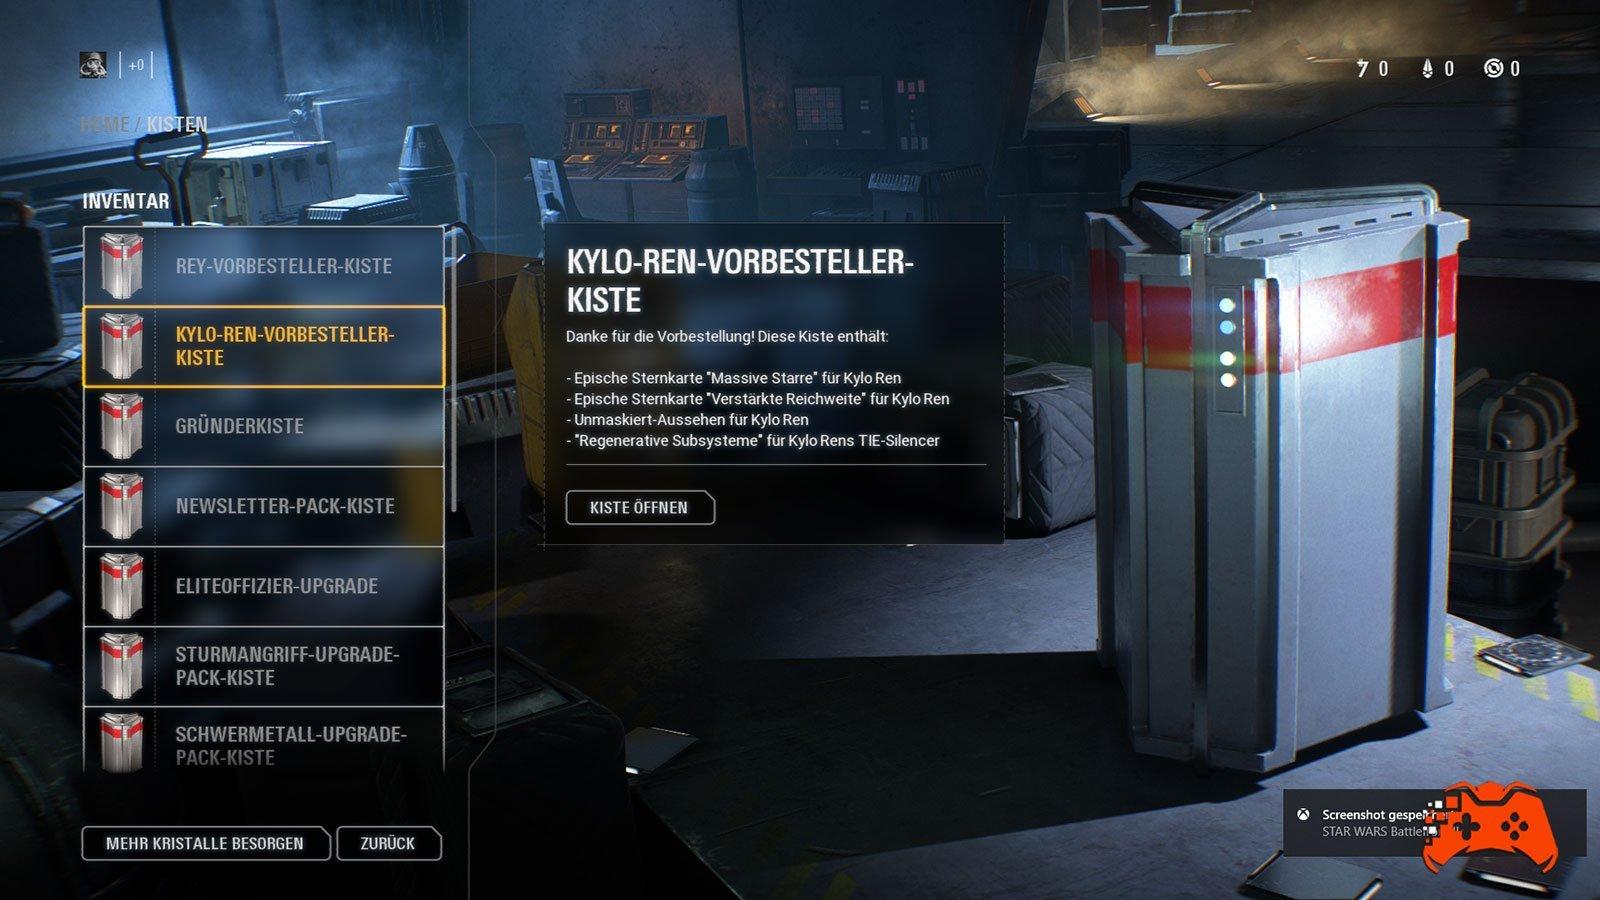 STAR WARS Battlefront II 18.11.2